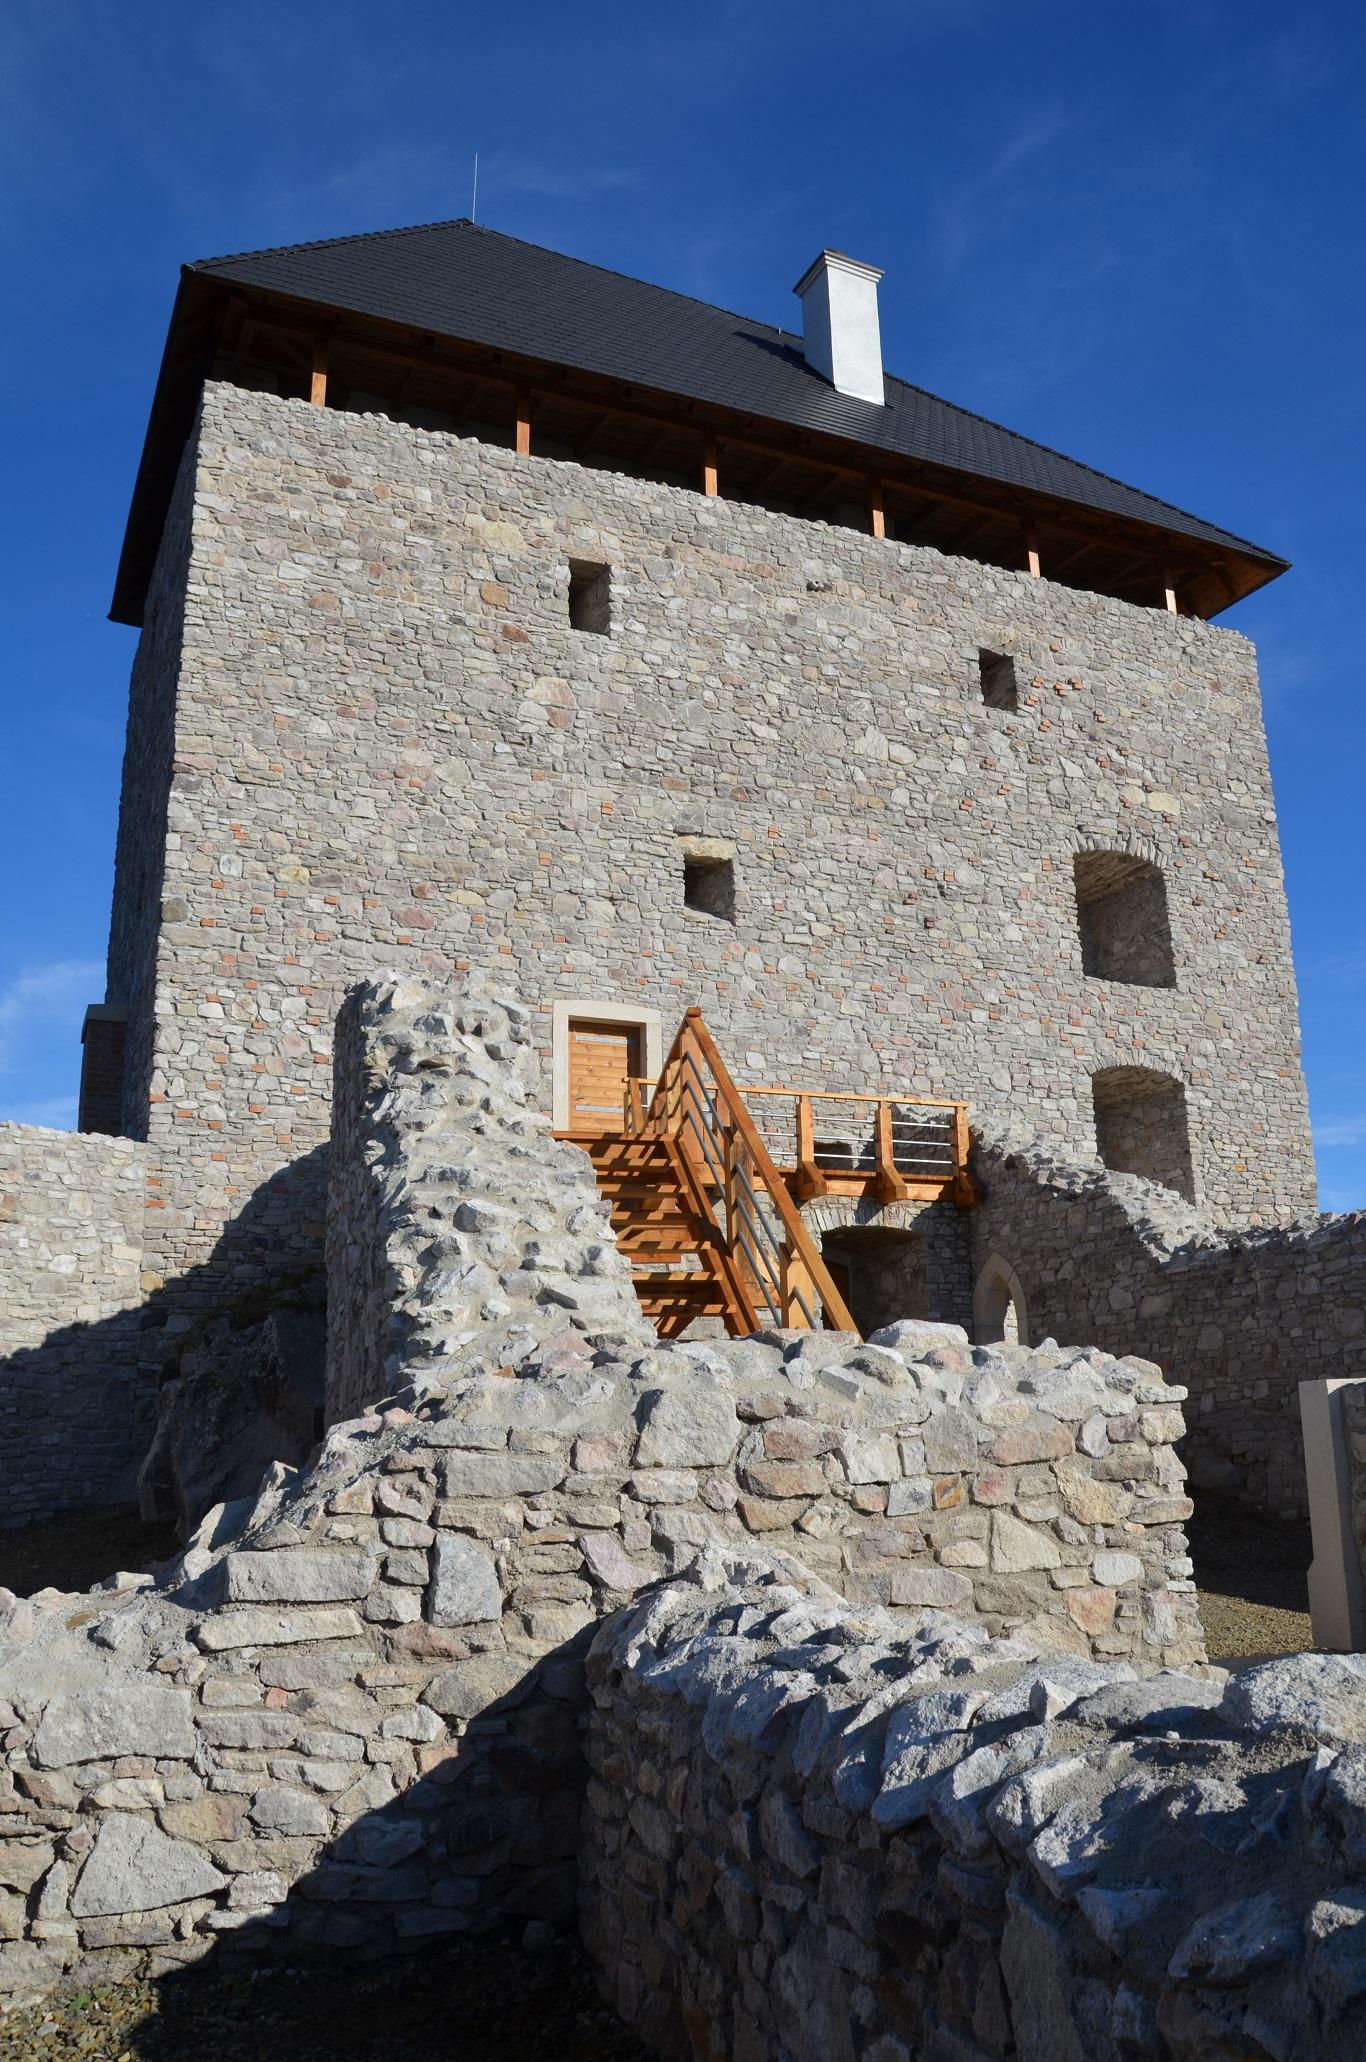 Regéci vár-Régészeti kutatás, kőfalazat rekonstrukció, homlokzati kőfelület kialakítása, fa födémszerkezet építése